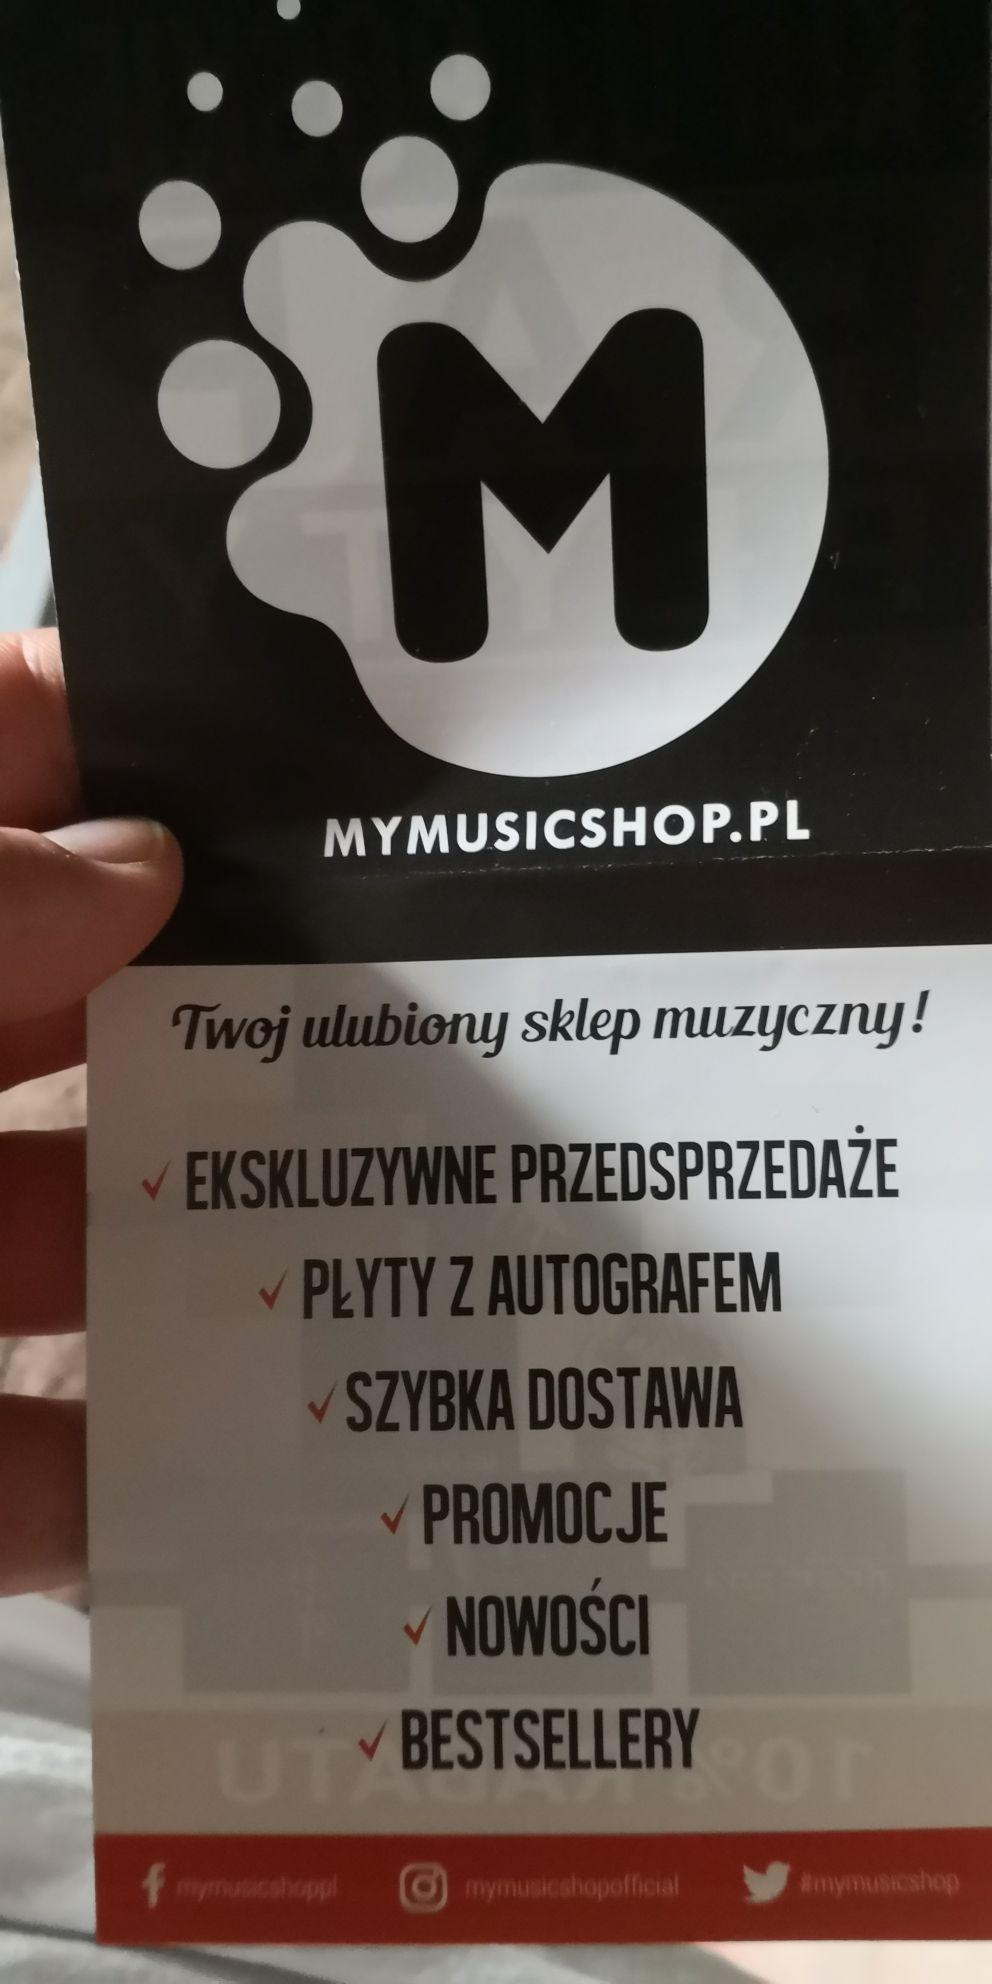 Jednorazowy kod na mymusicshop.pl - 10%